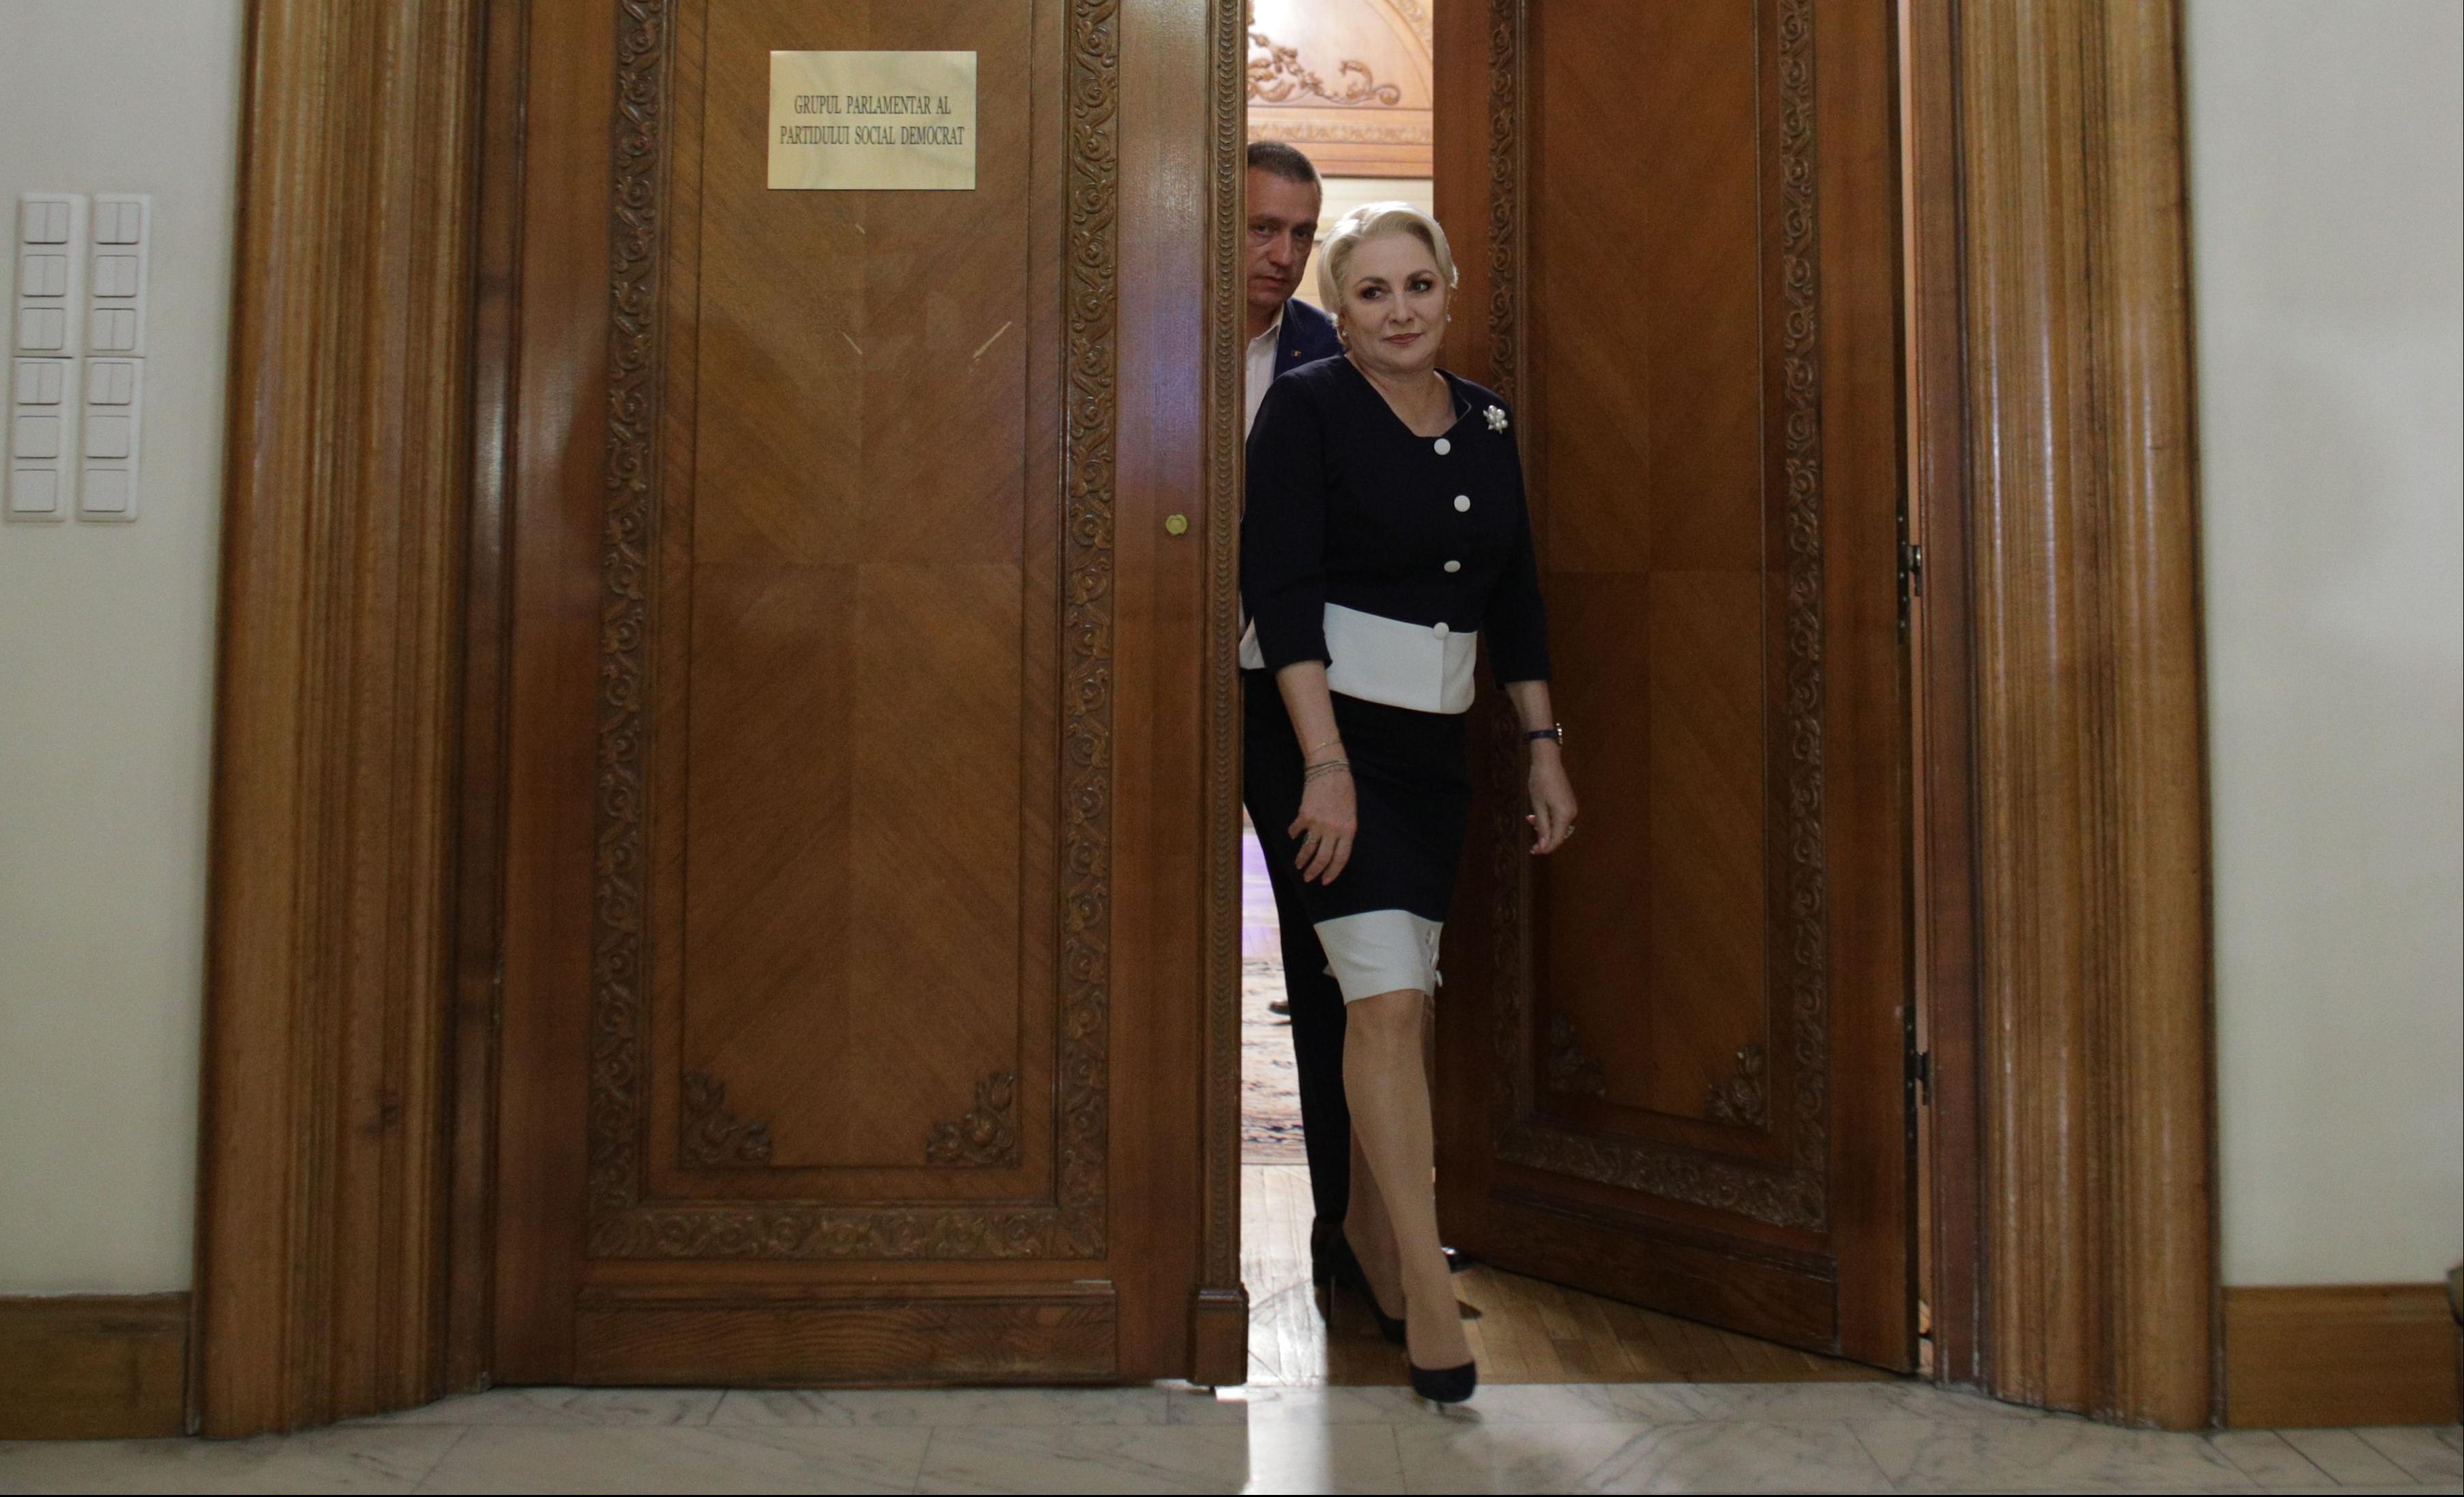 Dăncilă: Da, cred că am șanse în fața lui Iohannis. Am demonstrat că pot să fac performanță / Foto: Inquam Photos / Octav Ganea